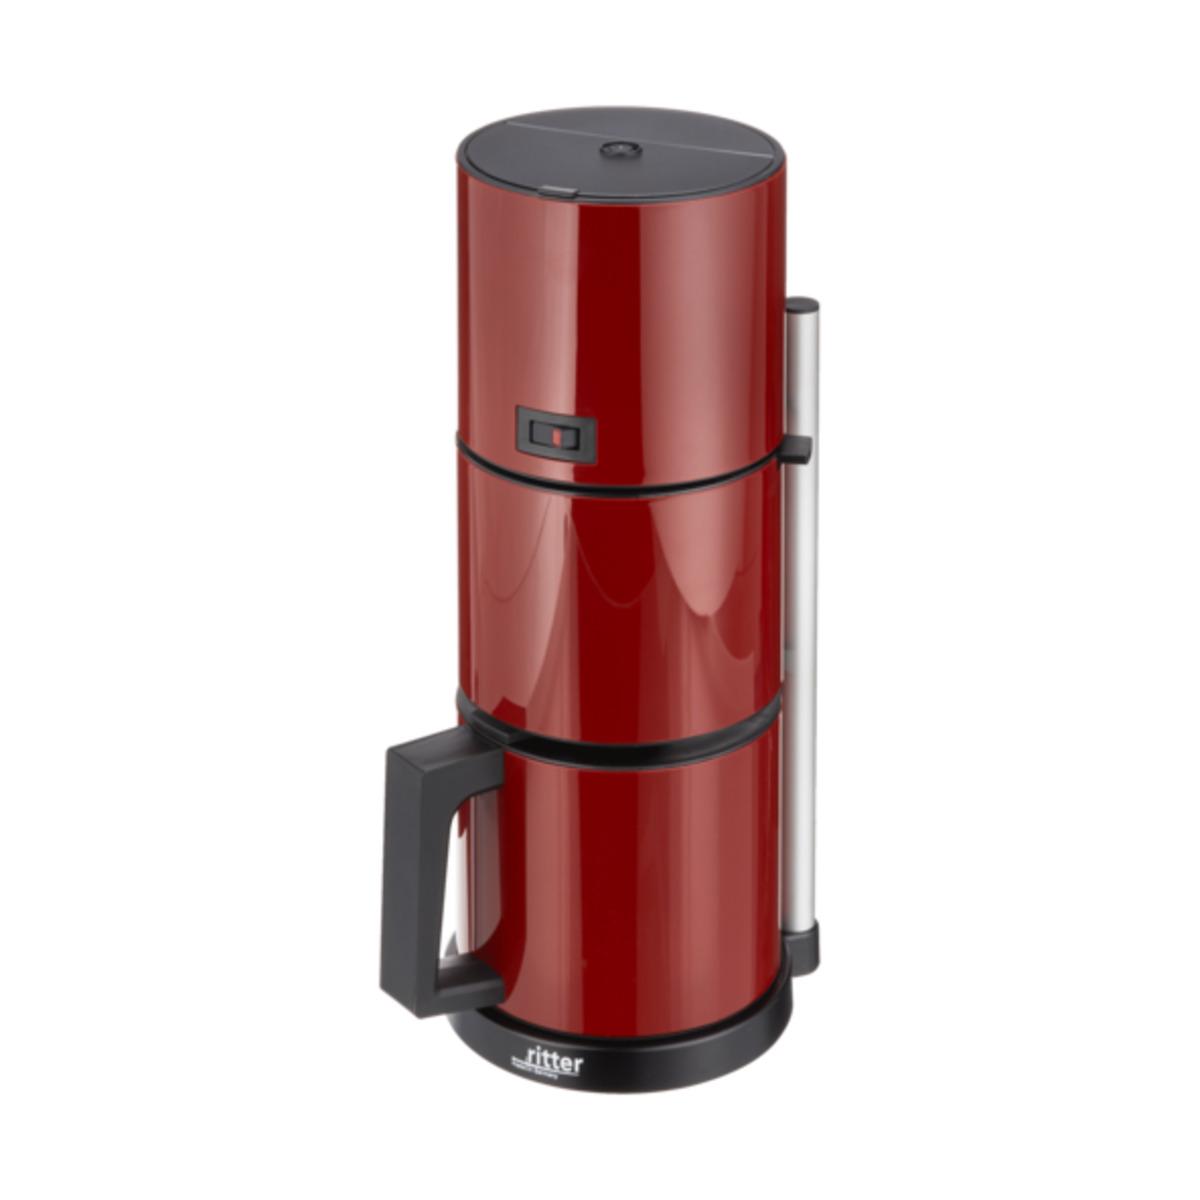 Bild 2 von Kaffeemaschine ritter Cafena 5, rot